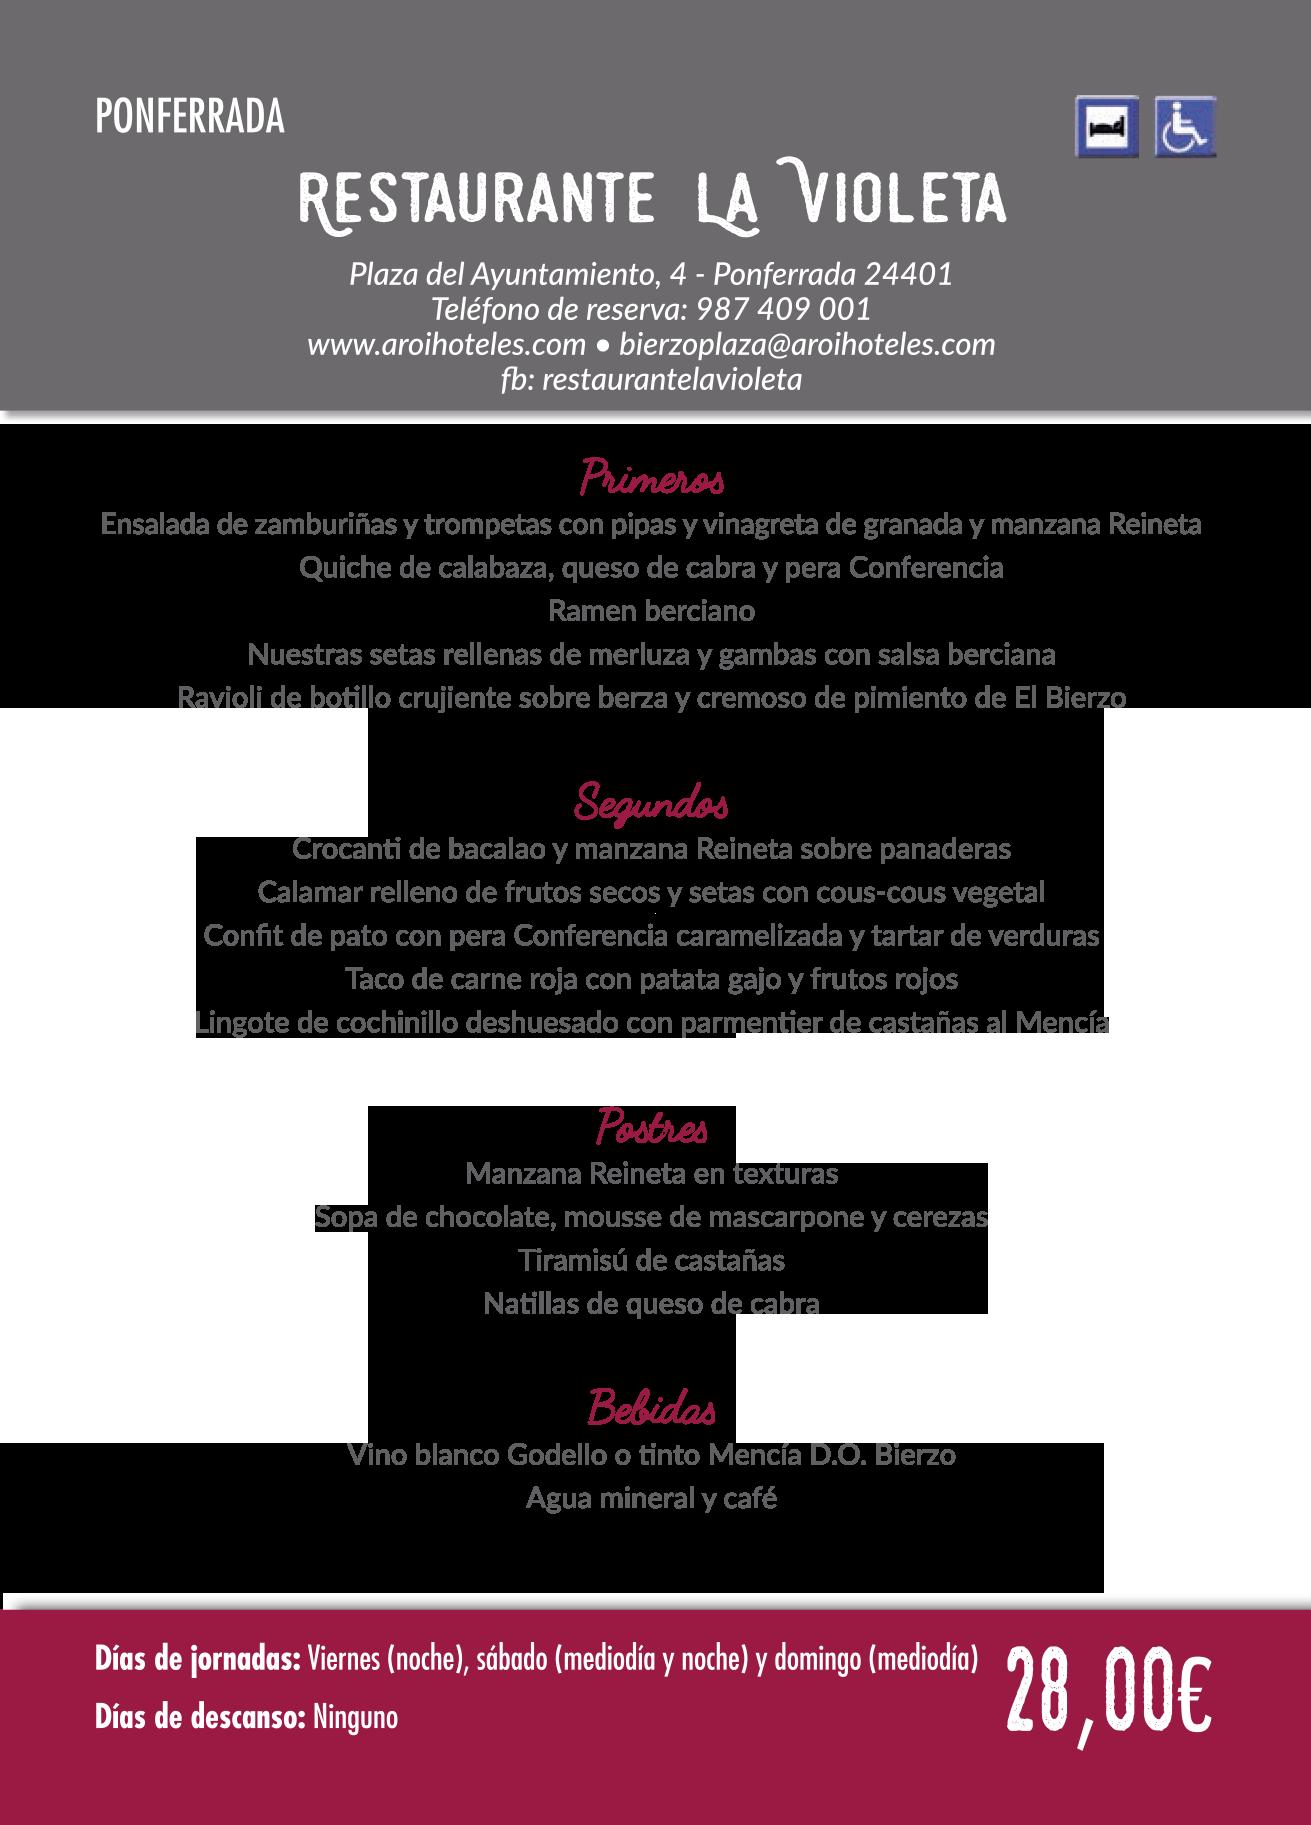 Las Jornadas Gastronómicas del Bierzo llegan a su 35 edición. Consulta los menús de esta edición 21